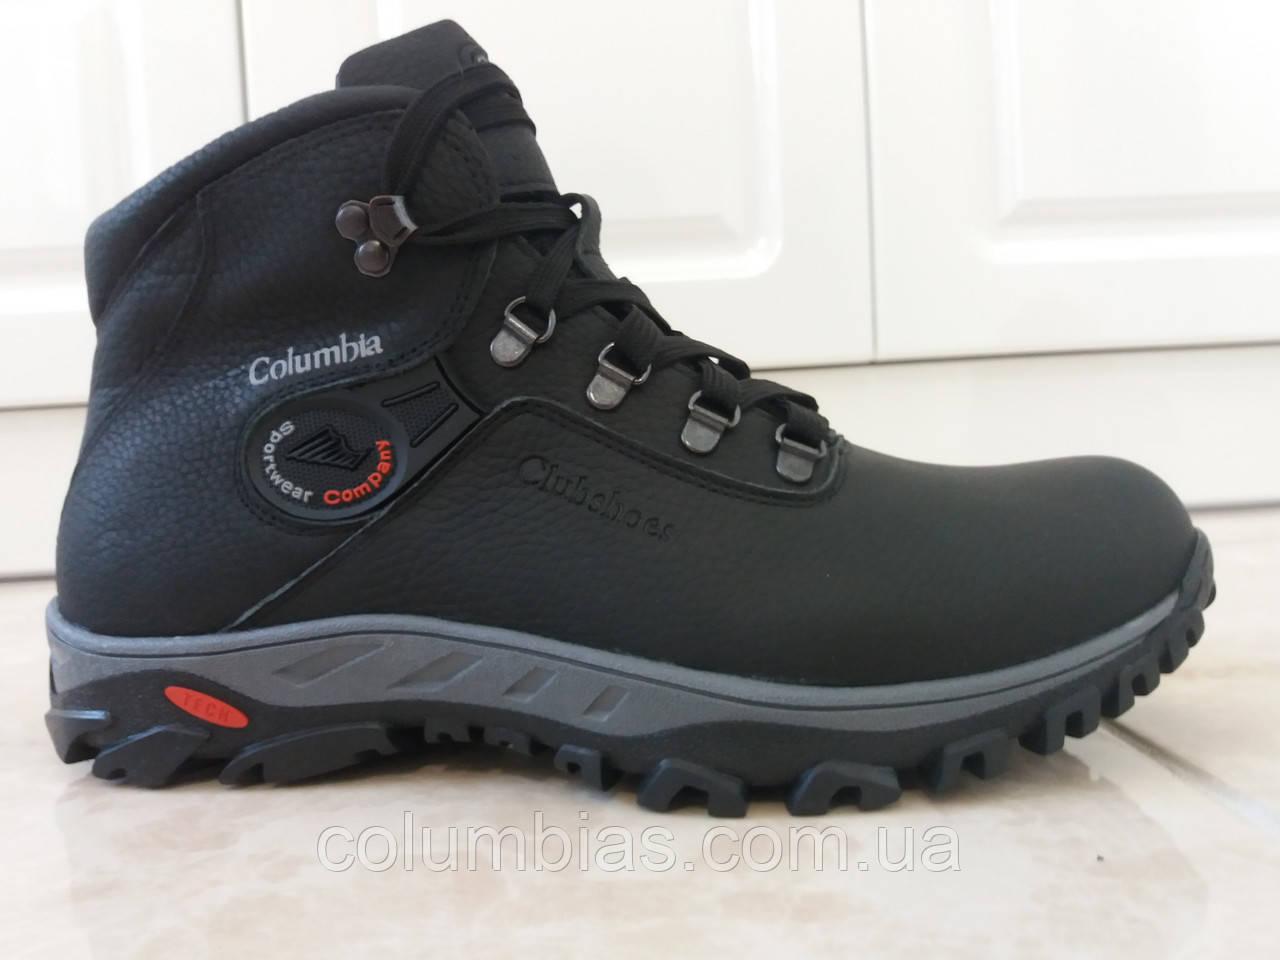 Ботинки зимние мужские Collumbia 4245